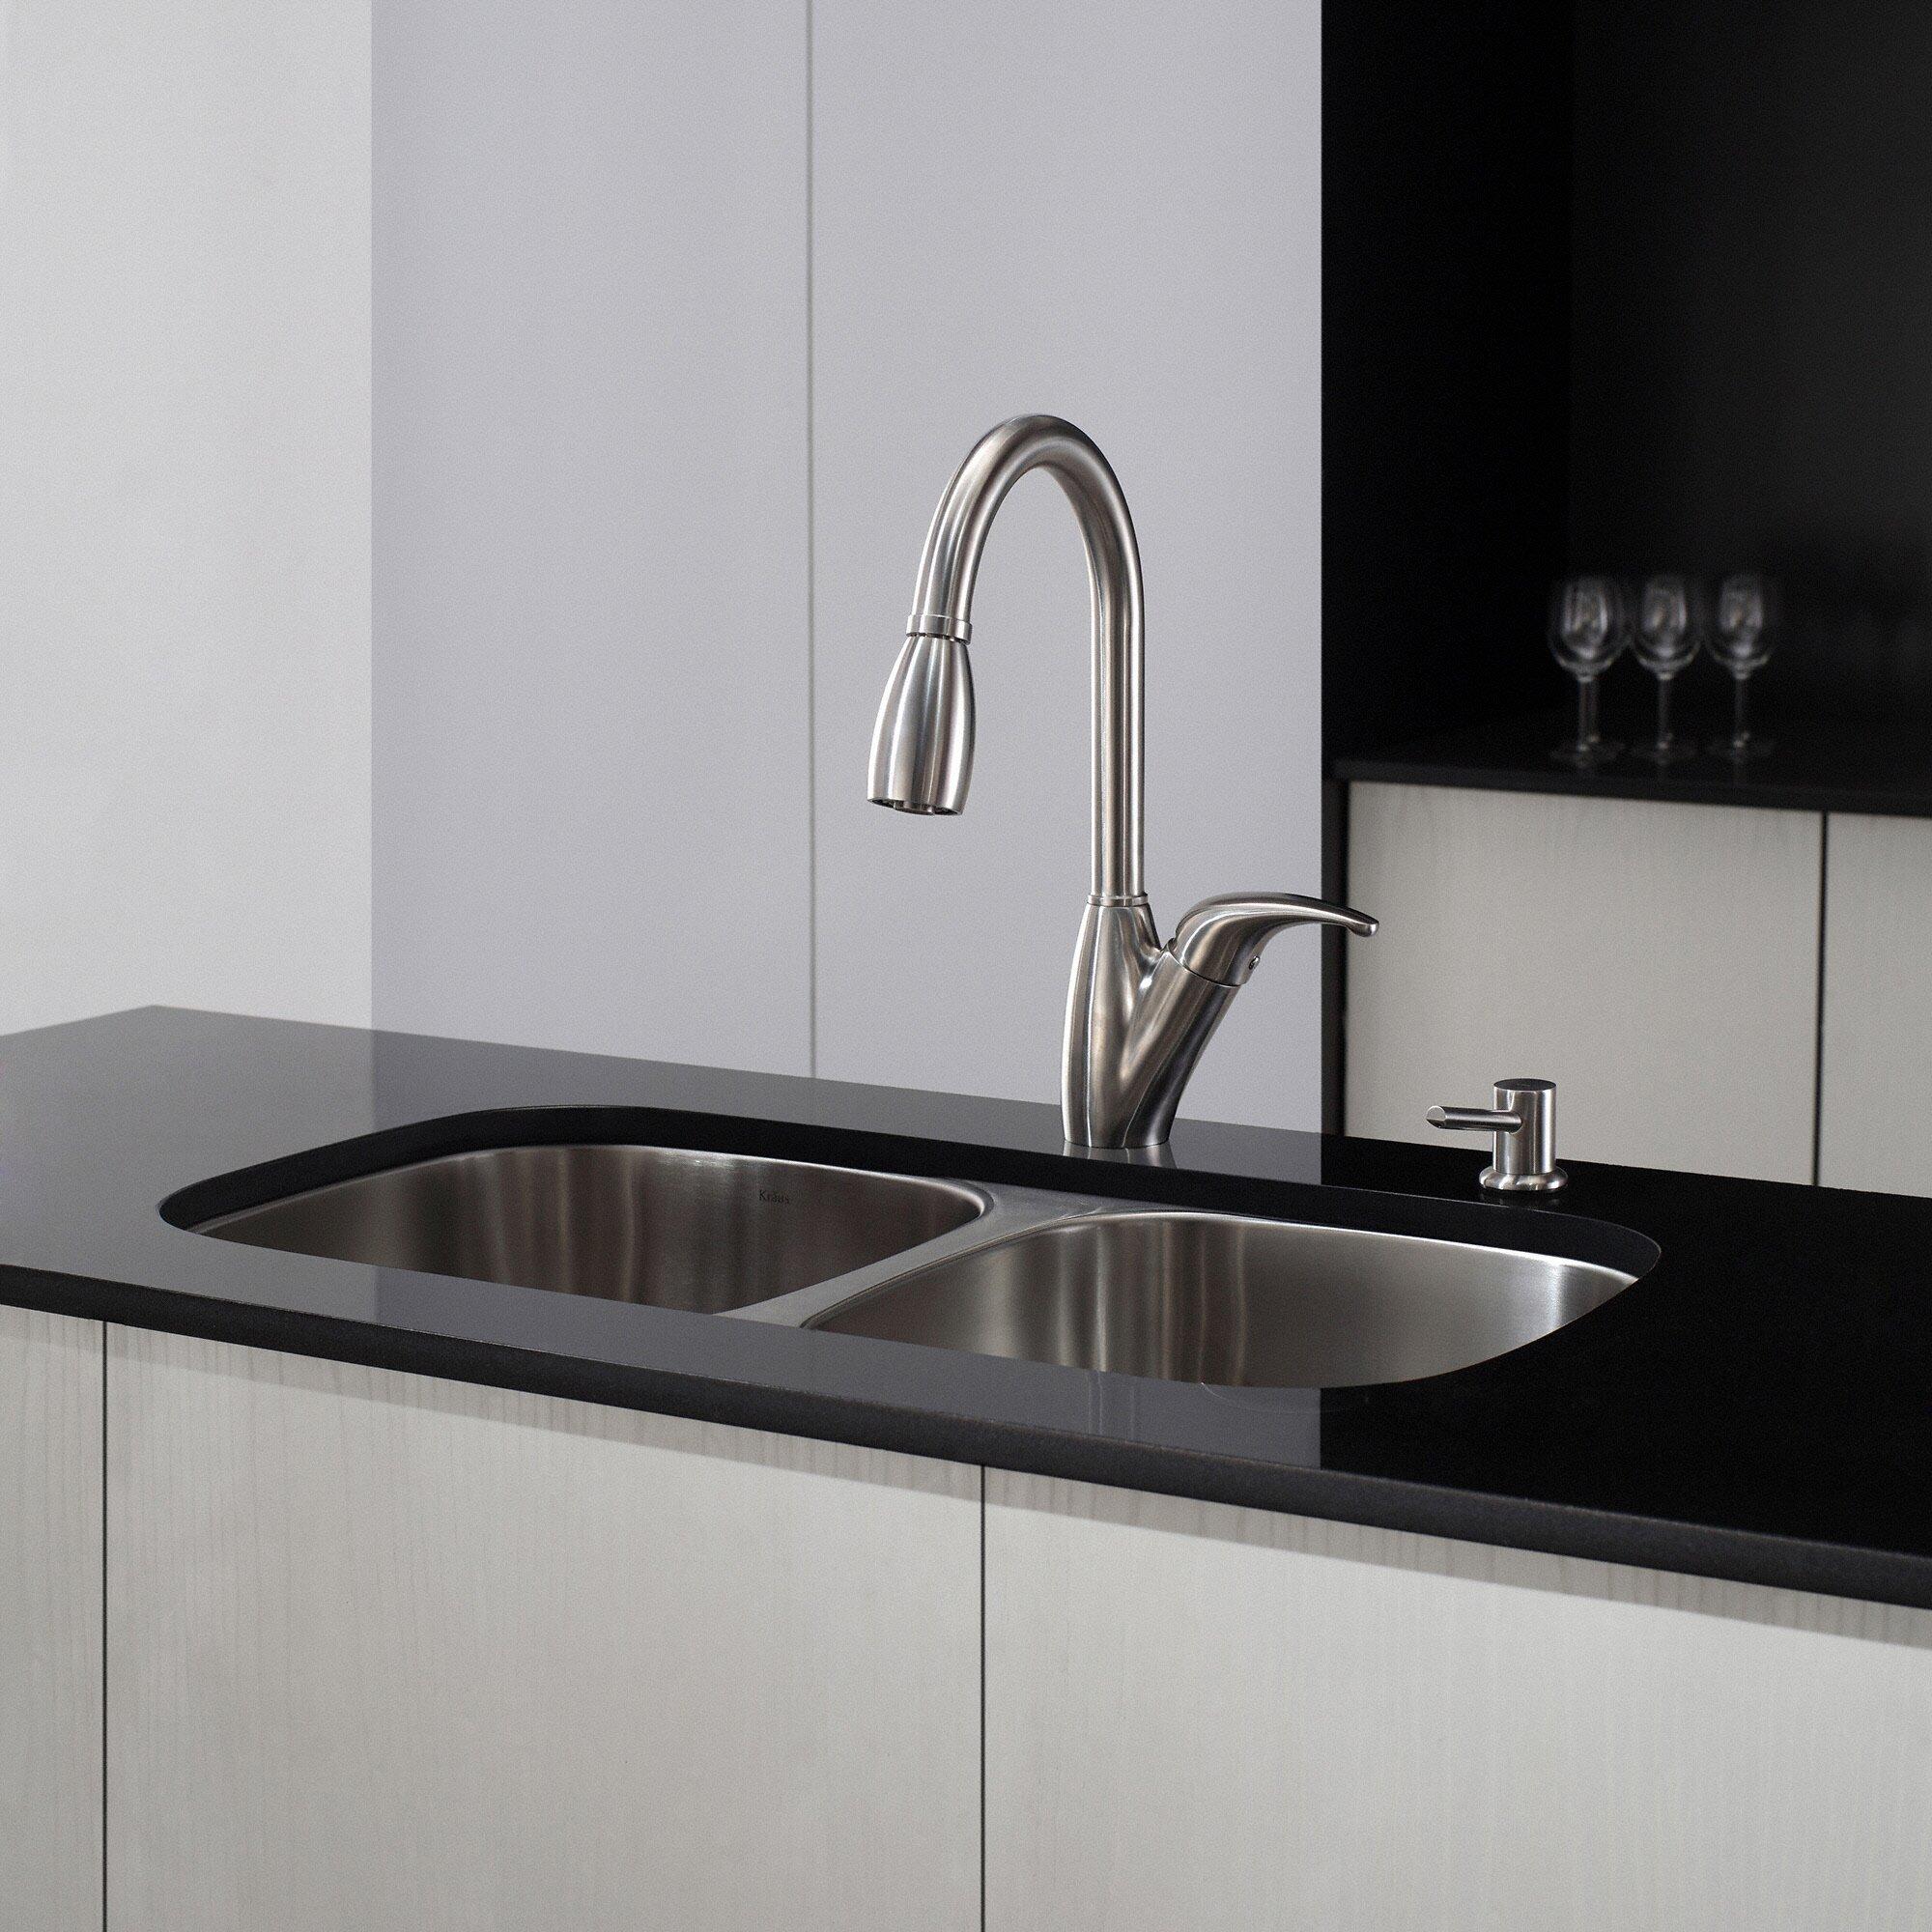 Kraus Kitchen Sink Reviews : Kraus Undermount 32